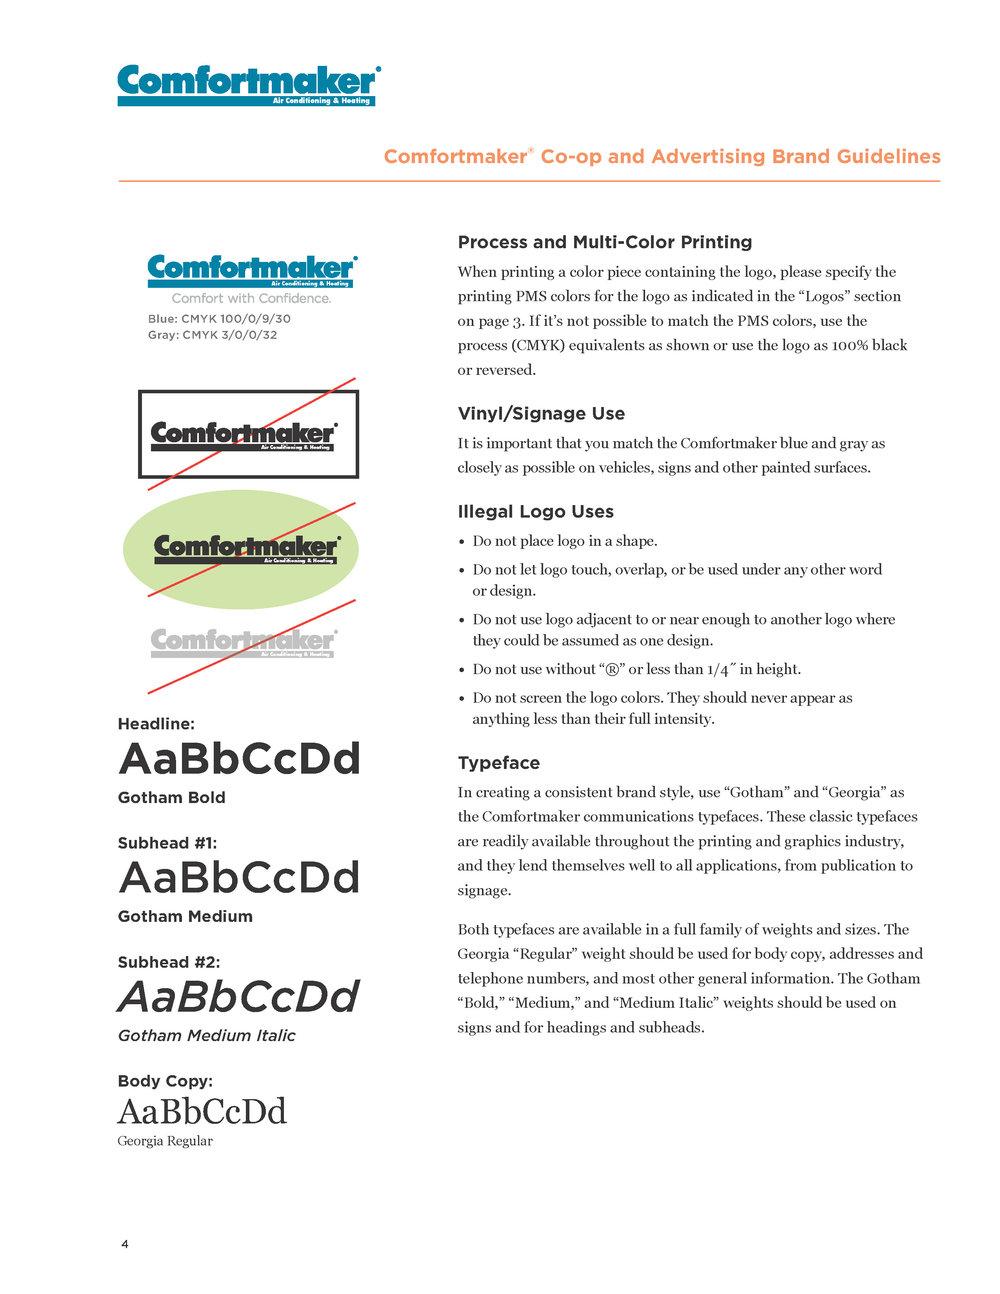 Comfortmaker_Page_4.jpg